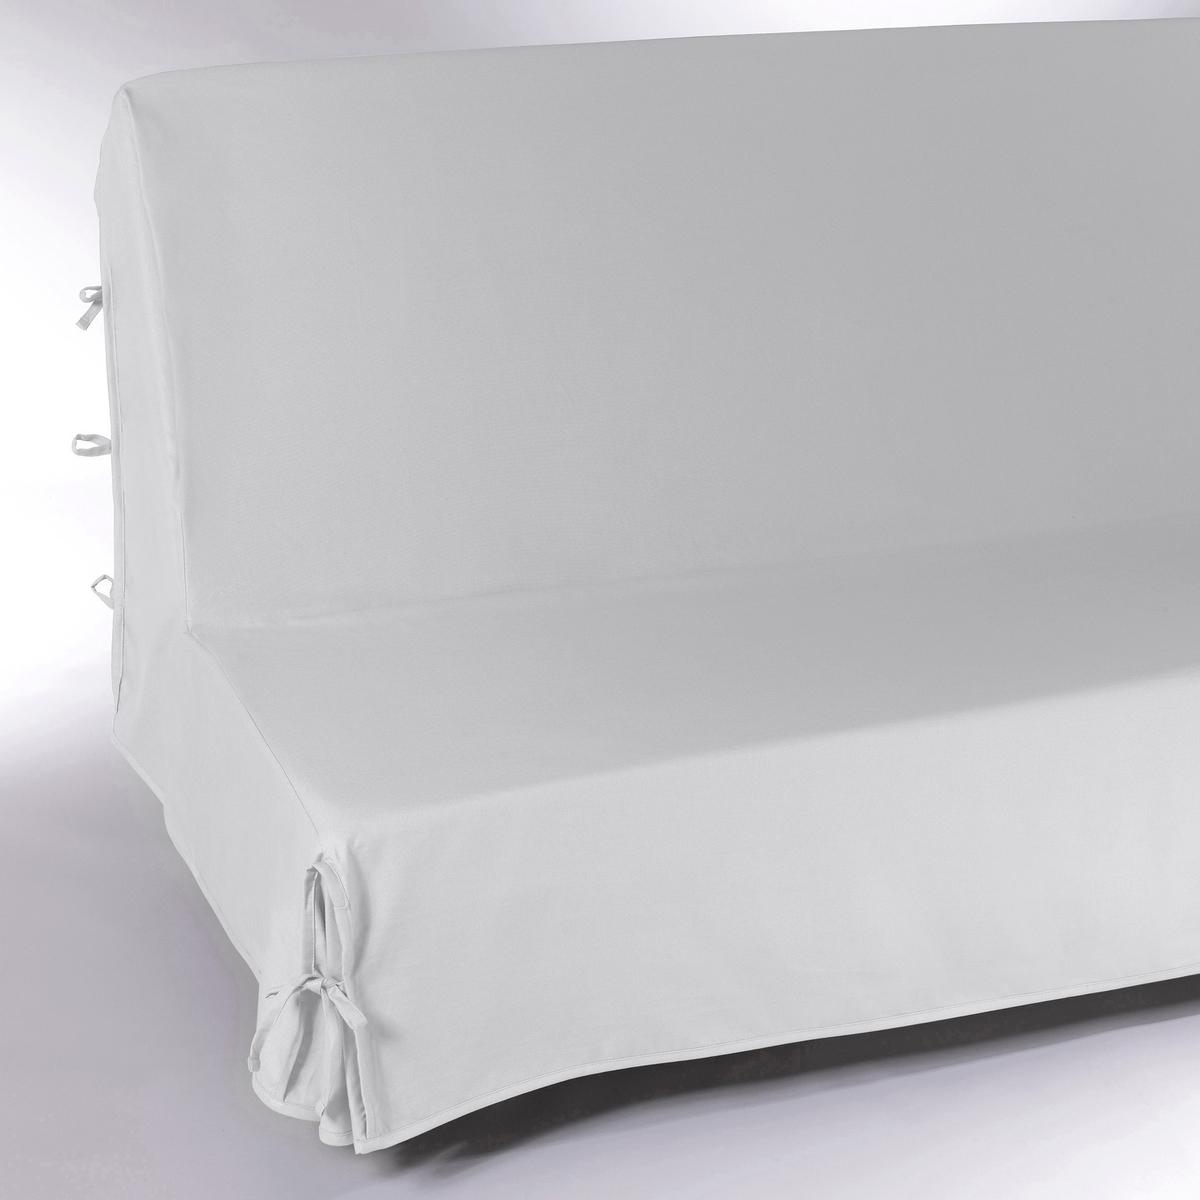 Чехол для дивана-аккордеонаПолностью закрывает диван включая спинку: удобные клапаны фиксируются завязками. Простой уход: стирка при 40°, превосходная стойкость цвета.Обработка против пятен.Размеры: 2 ширины на выбор. Длина в разложенном состоянии: 190 см. Качество VALEUR S?RE.  Производство осуществляется с учетом стандартов по защите окружающей среды и здоровья человека, что подтверждено сертификатом Oeko-tex®.<br><br>Цвет: антрацит,белый,медовый,облачно-серый,рубиново-красный,серо-коричневый каштан,сине-зеленый,синий индиго,сливовый,черный,экрю<br>Размер: 140.160.140.140.160